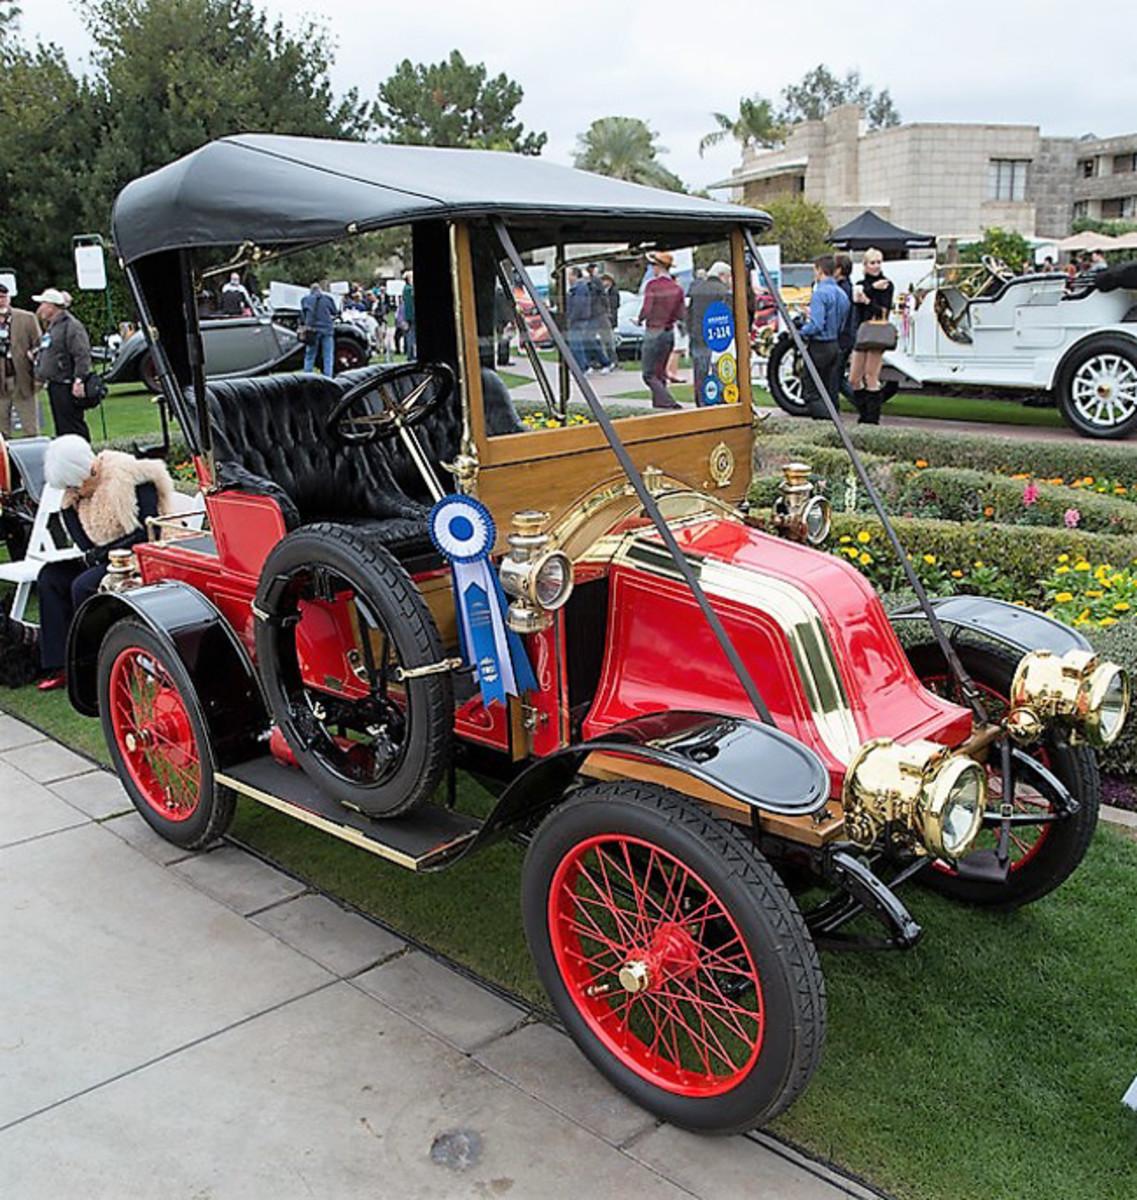 1908 Renault AZ - Antique automobile class winner - Ken Bryant